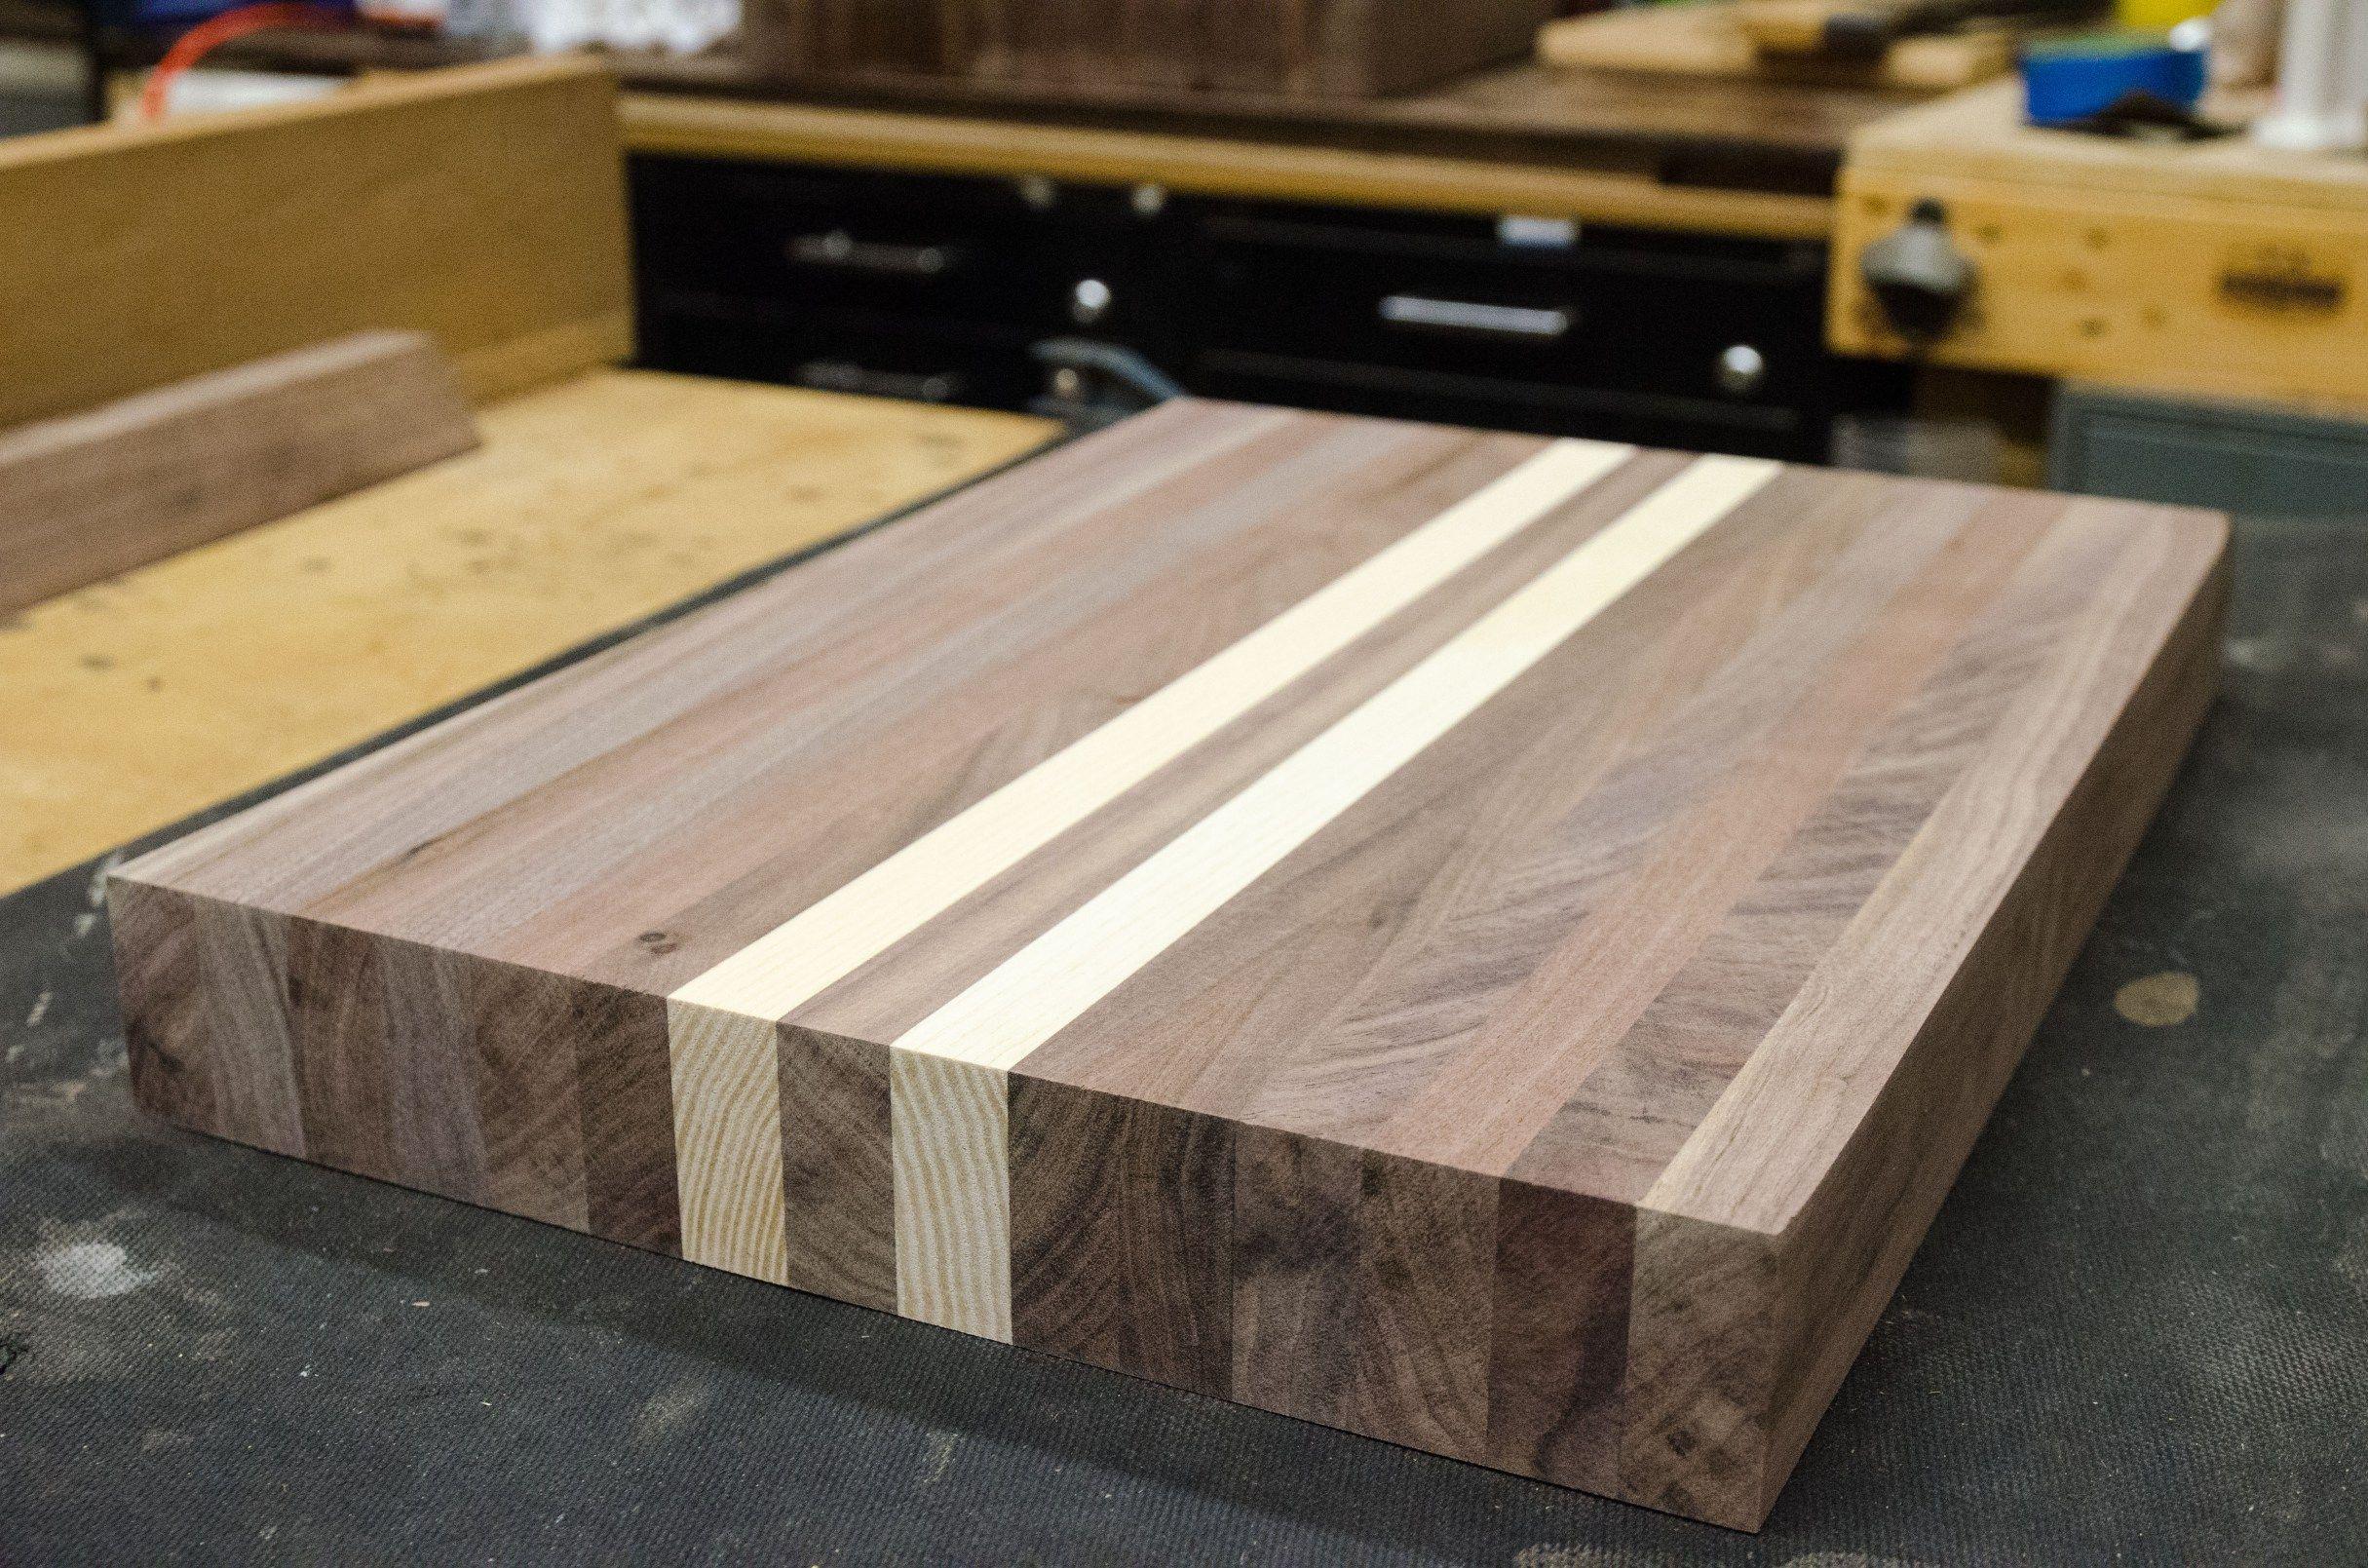 How to build an edge grain butcher block butcher block